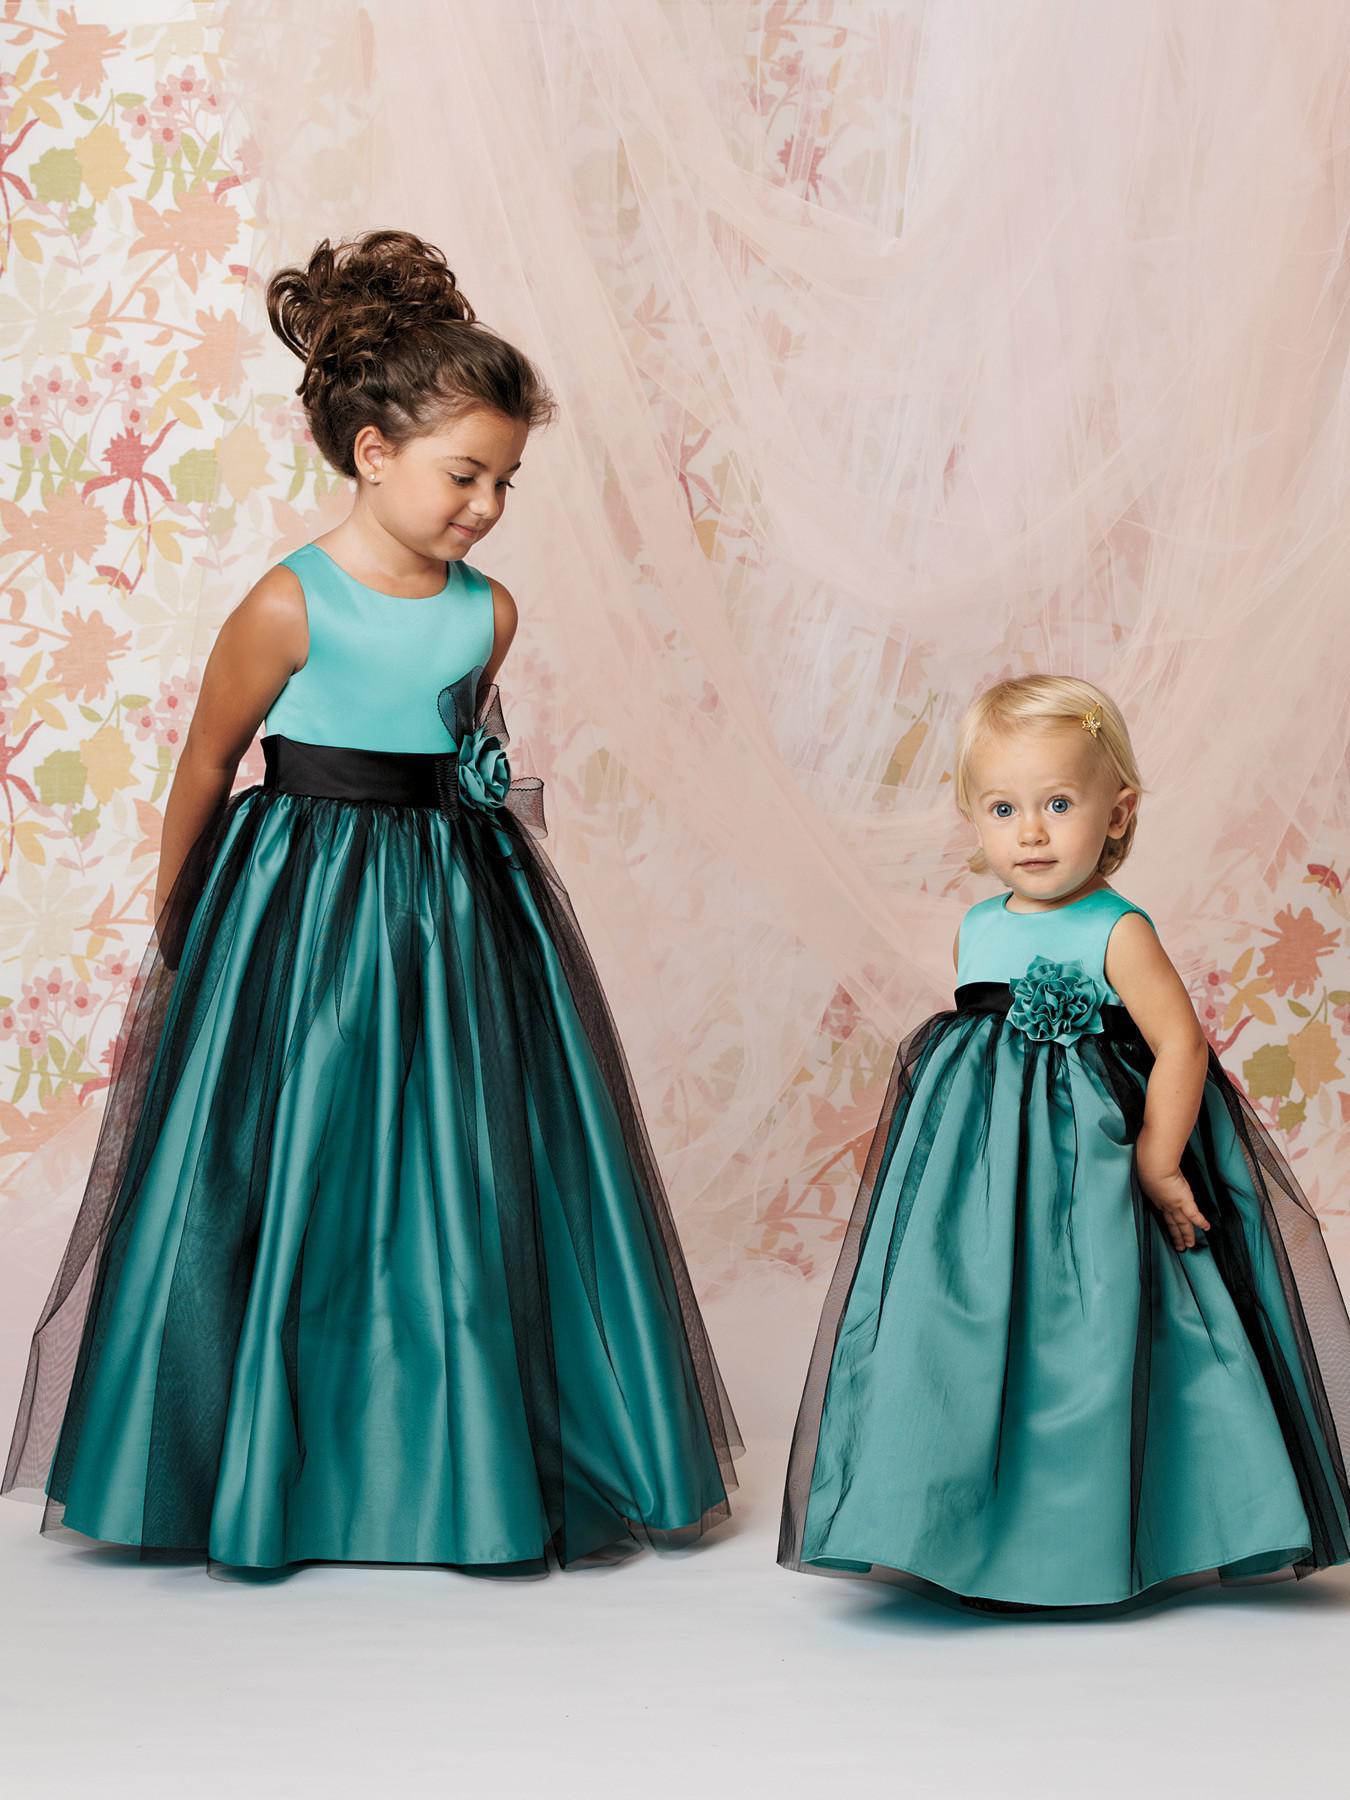 Купить Платье Детское В Интернет Магазине Недорого С Бесплатной Доставкой